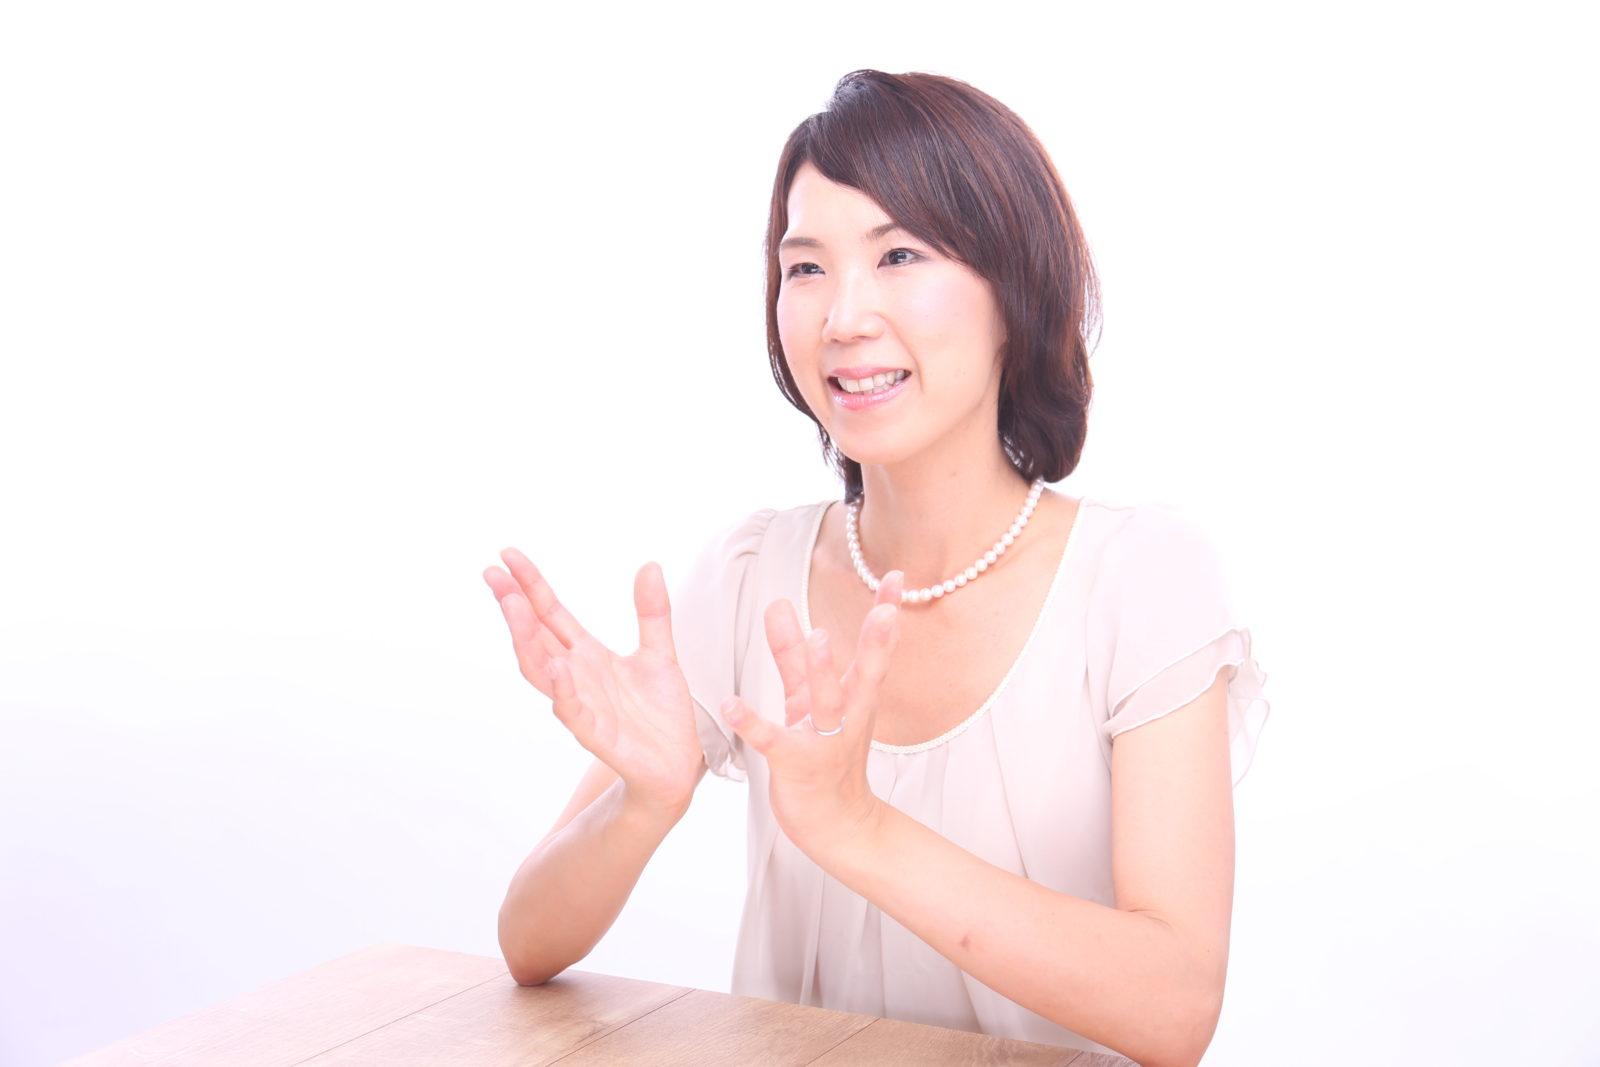 行政書士 渡辺暁子